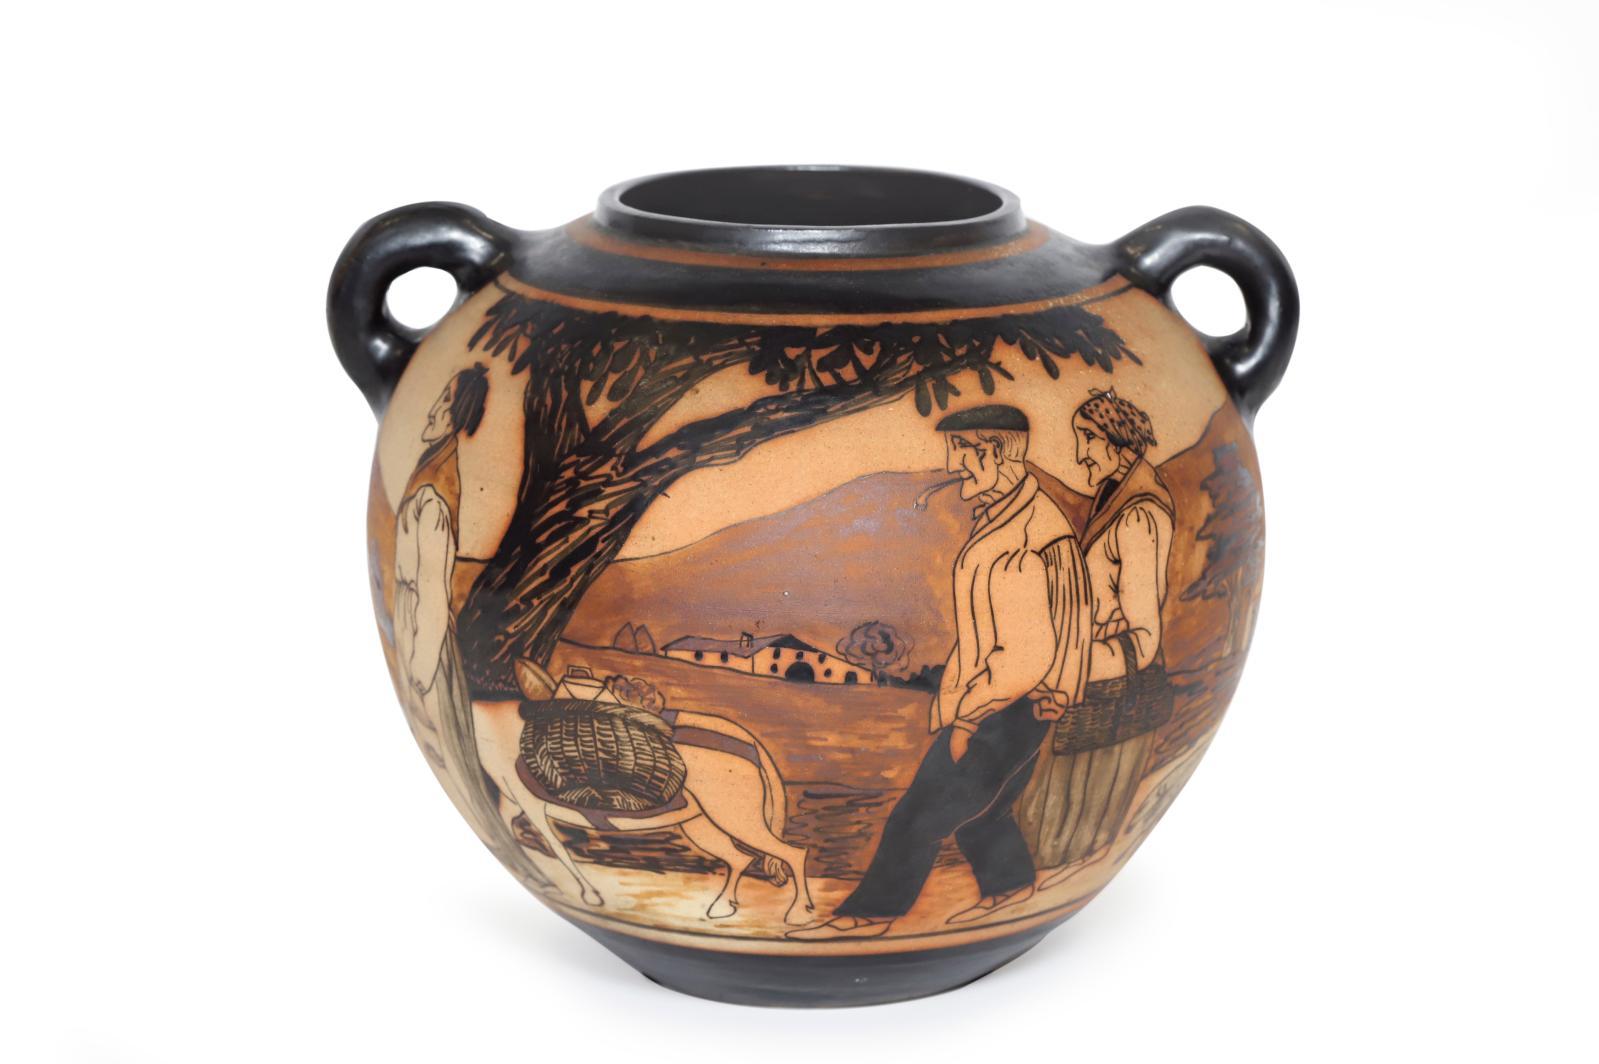 Ciboure, période d'Étienne Vilotte, 1921-1945. Vase en grès à décor tournant représentant des Bouviers basques et des personnages de retou